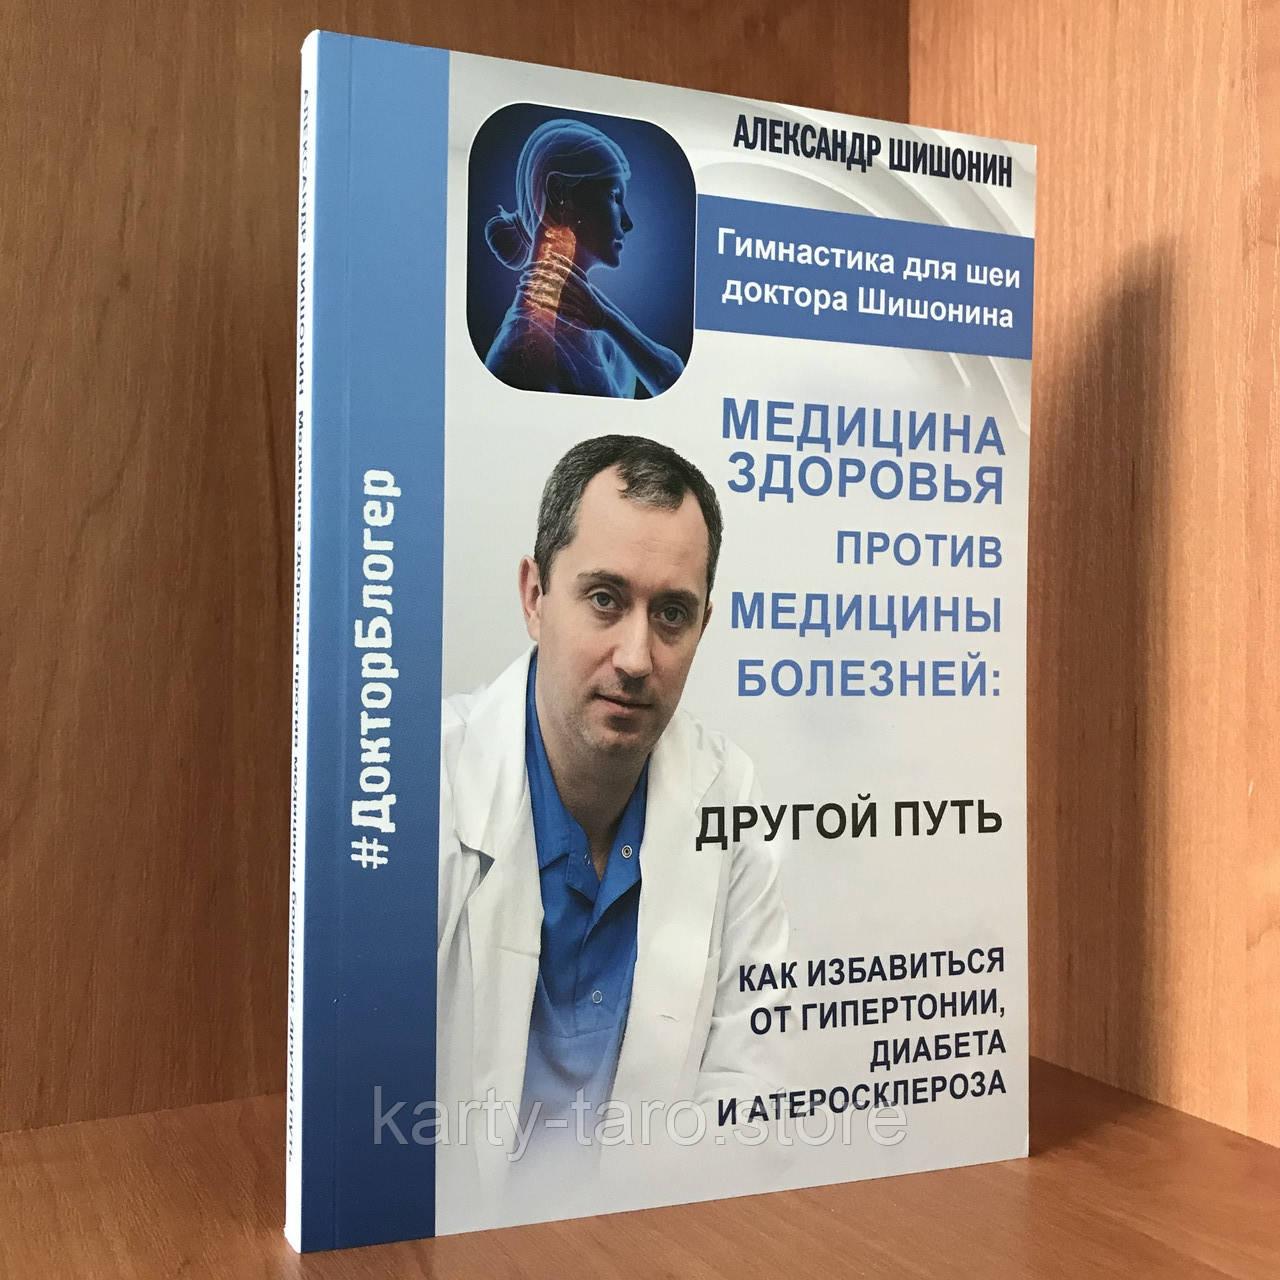 Книга Медицина здоровья против медицины болезней: другой путь - Шишонин Александр